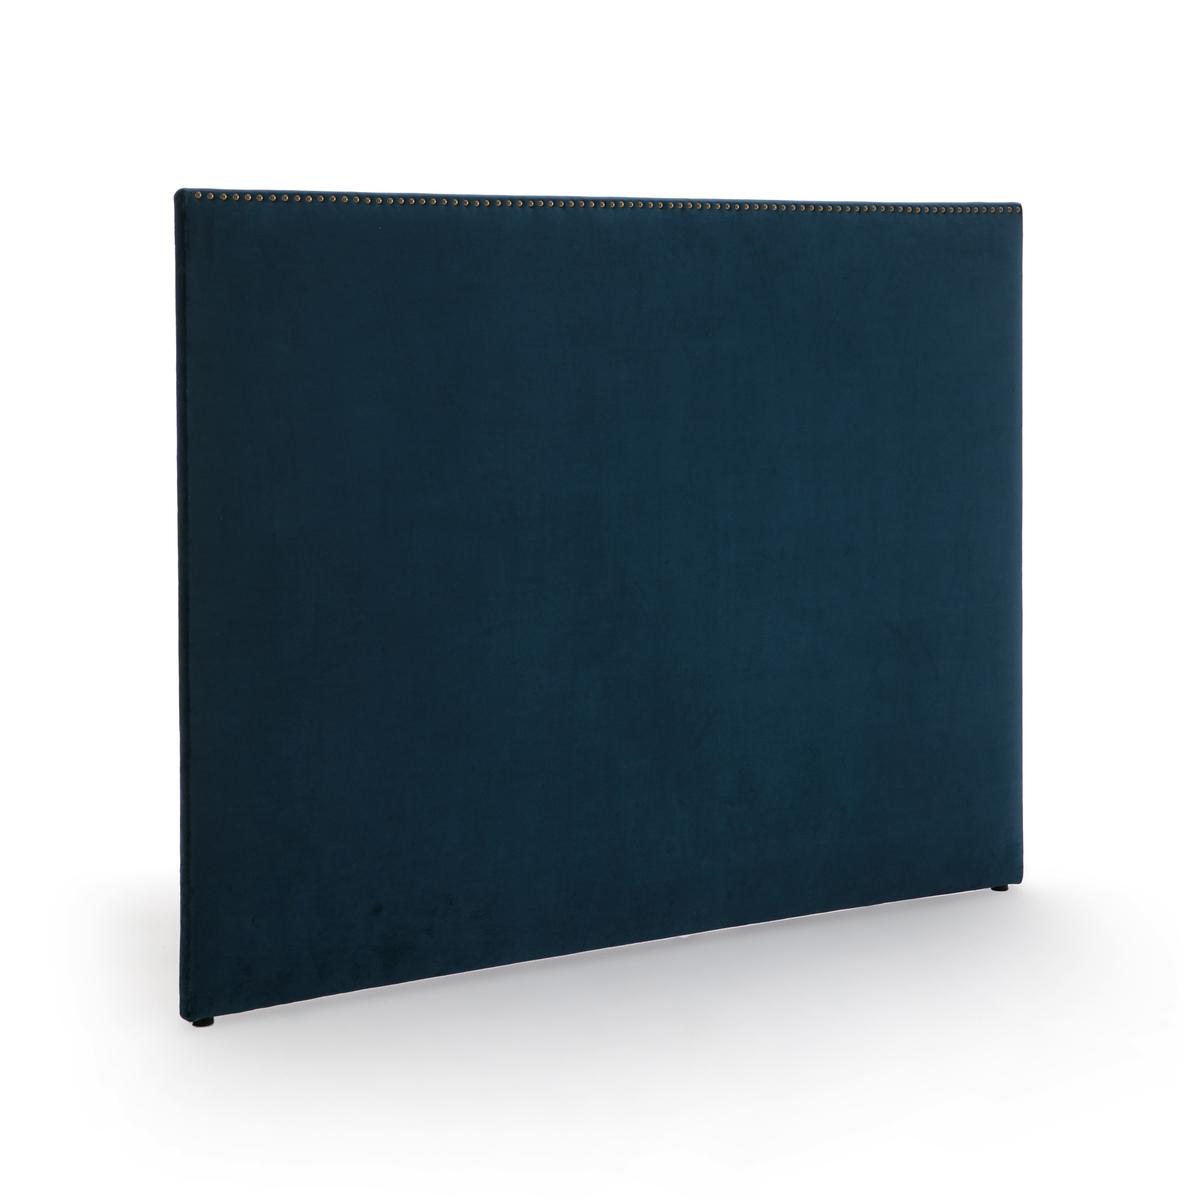 Кроватное La Redoute Изголовье с отделкой заклепками Eulali 160 см синий кроватное la redoute изголовье мягкое idaho 140 см серый